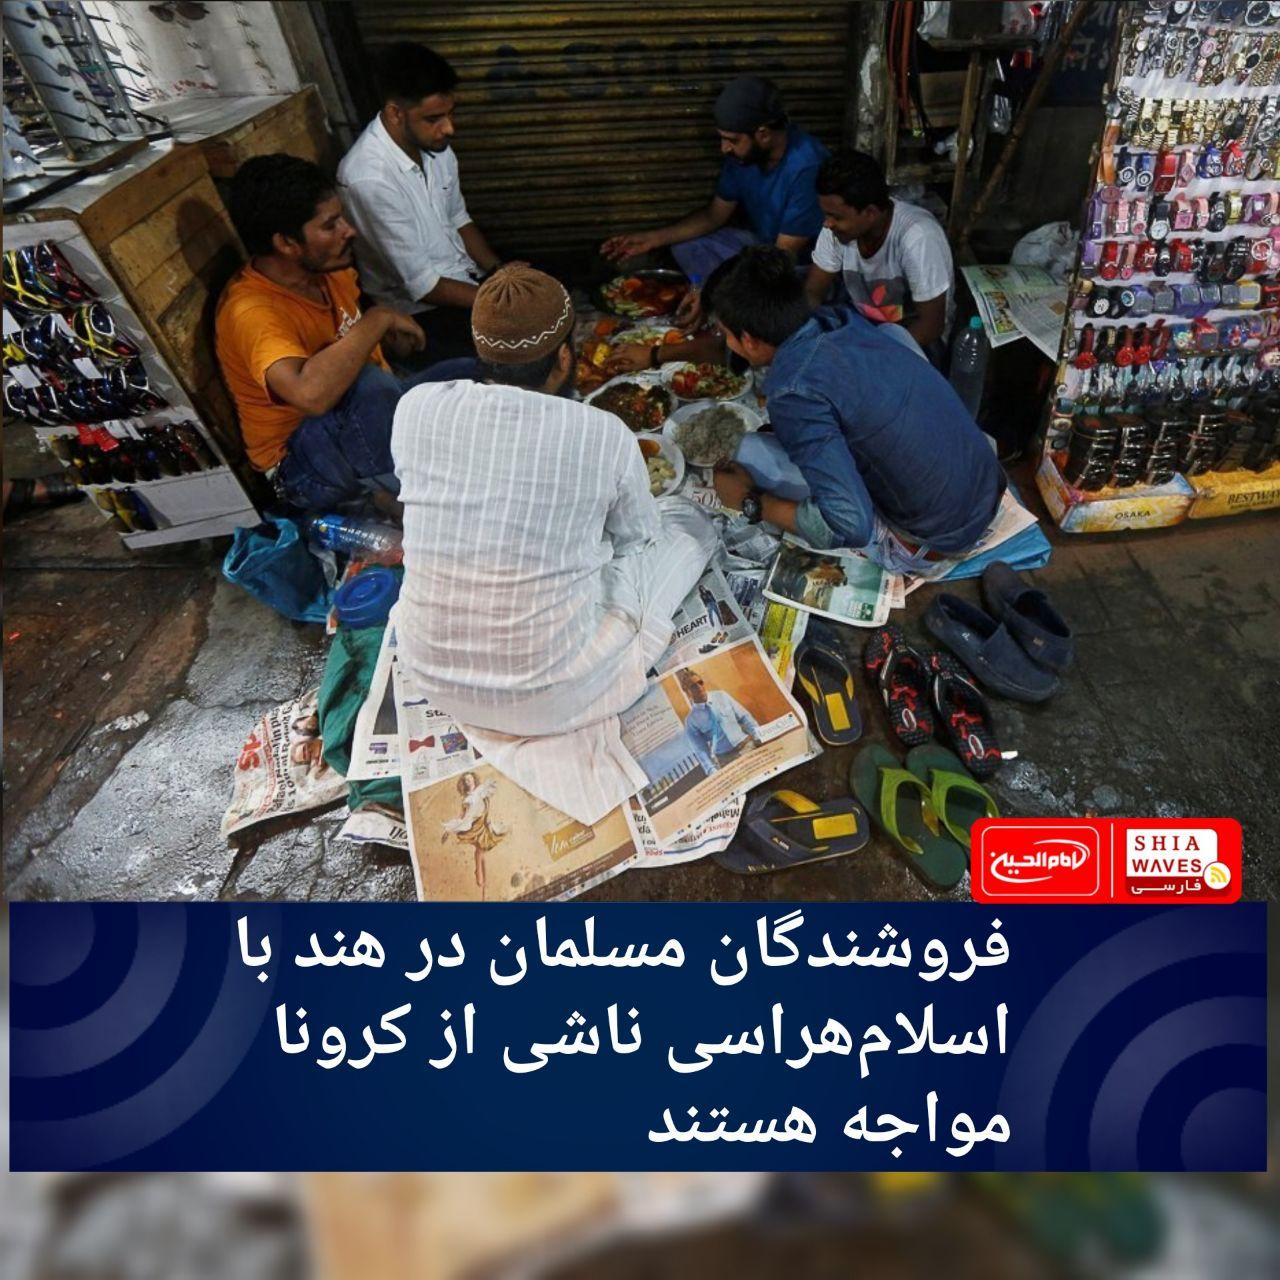 تصویر فروشندگان مسلمان در هند با اسلامهراسی ناشی از کرونا مواجه هستند